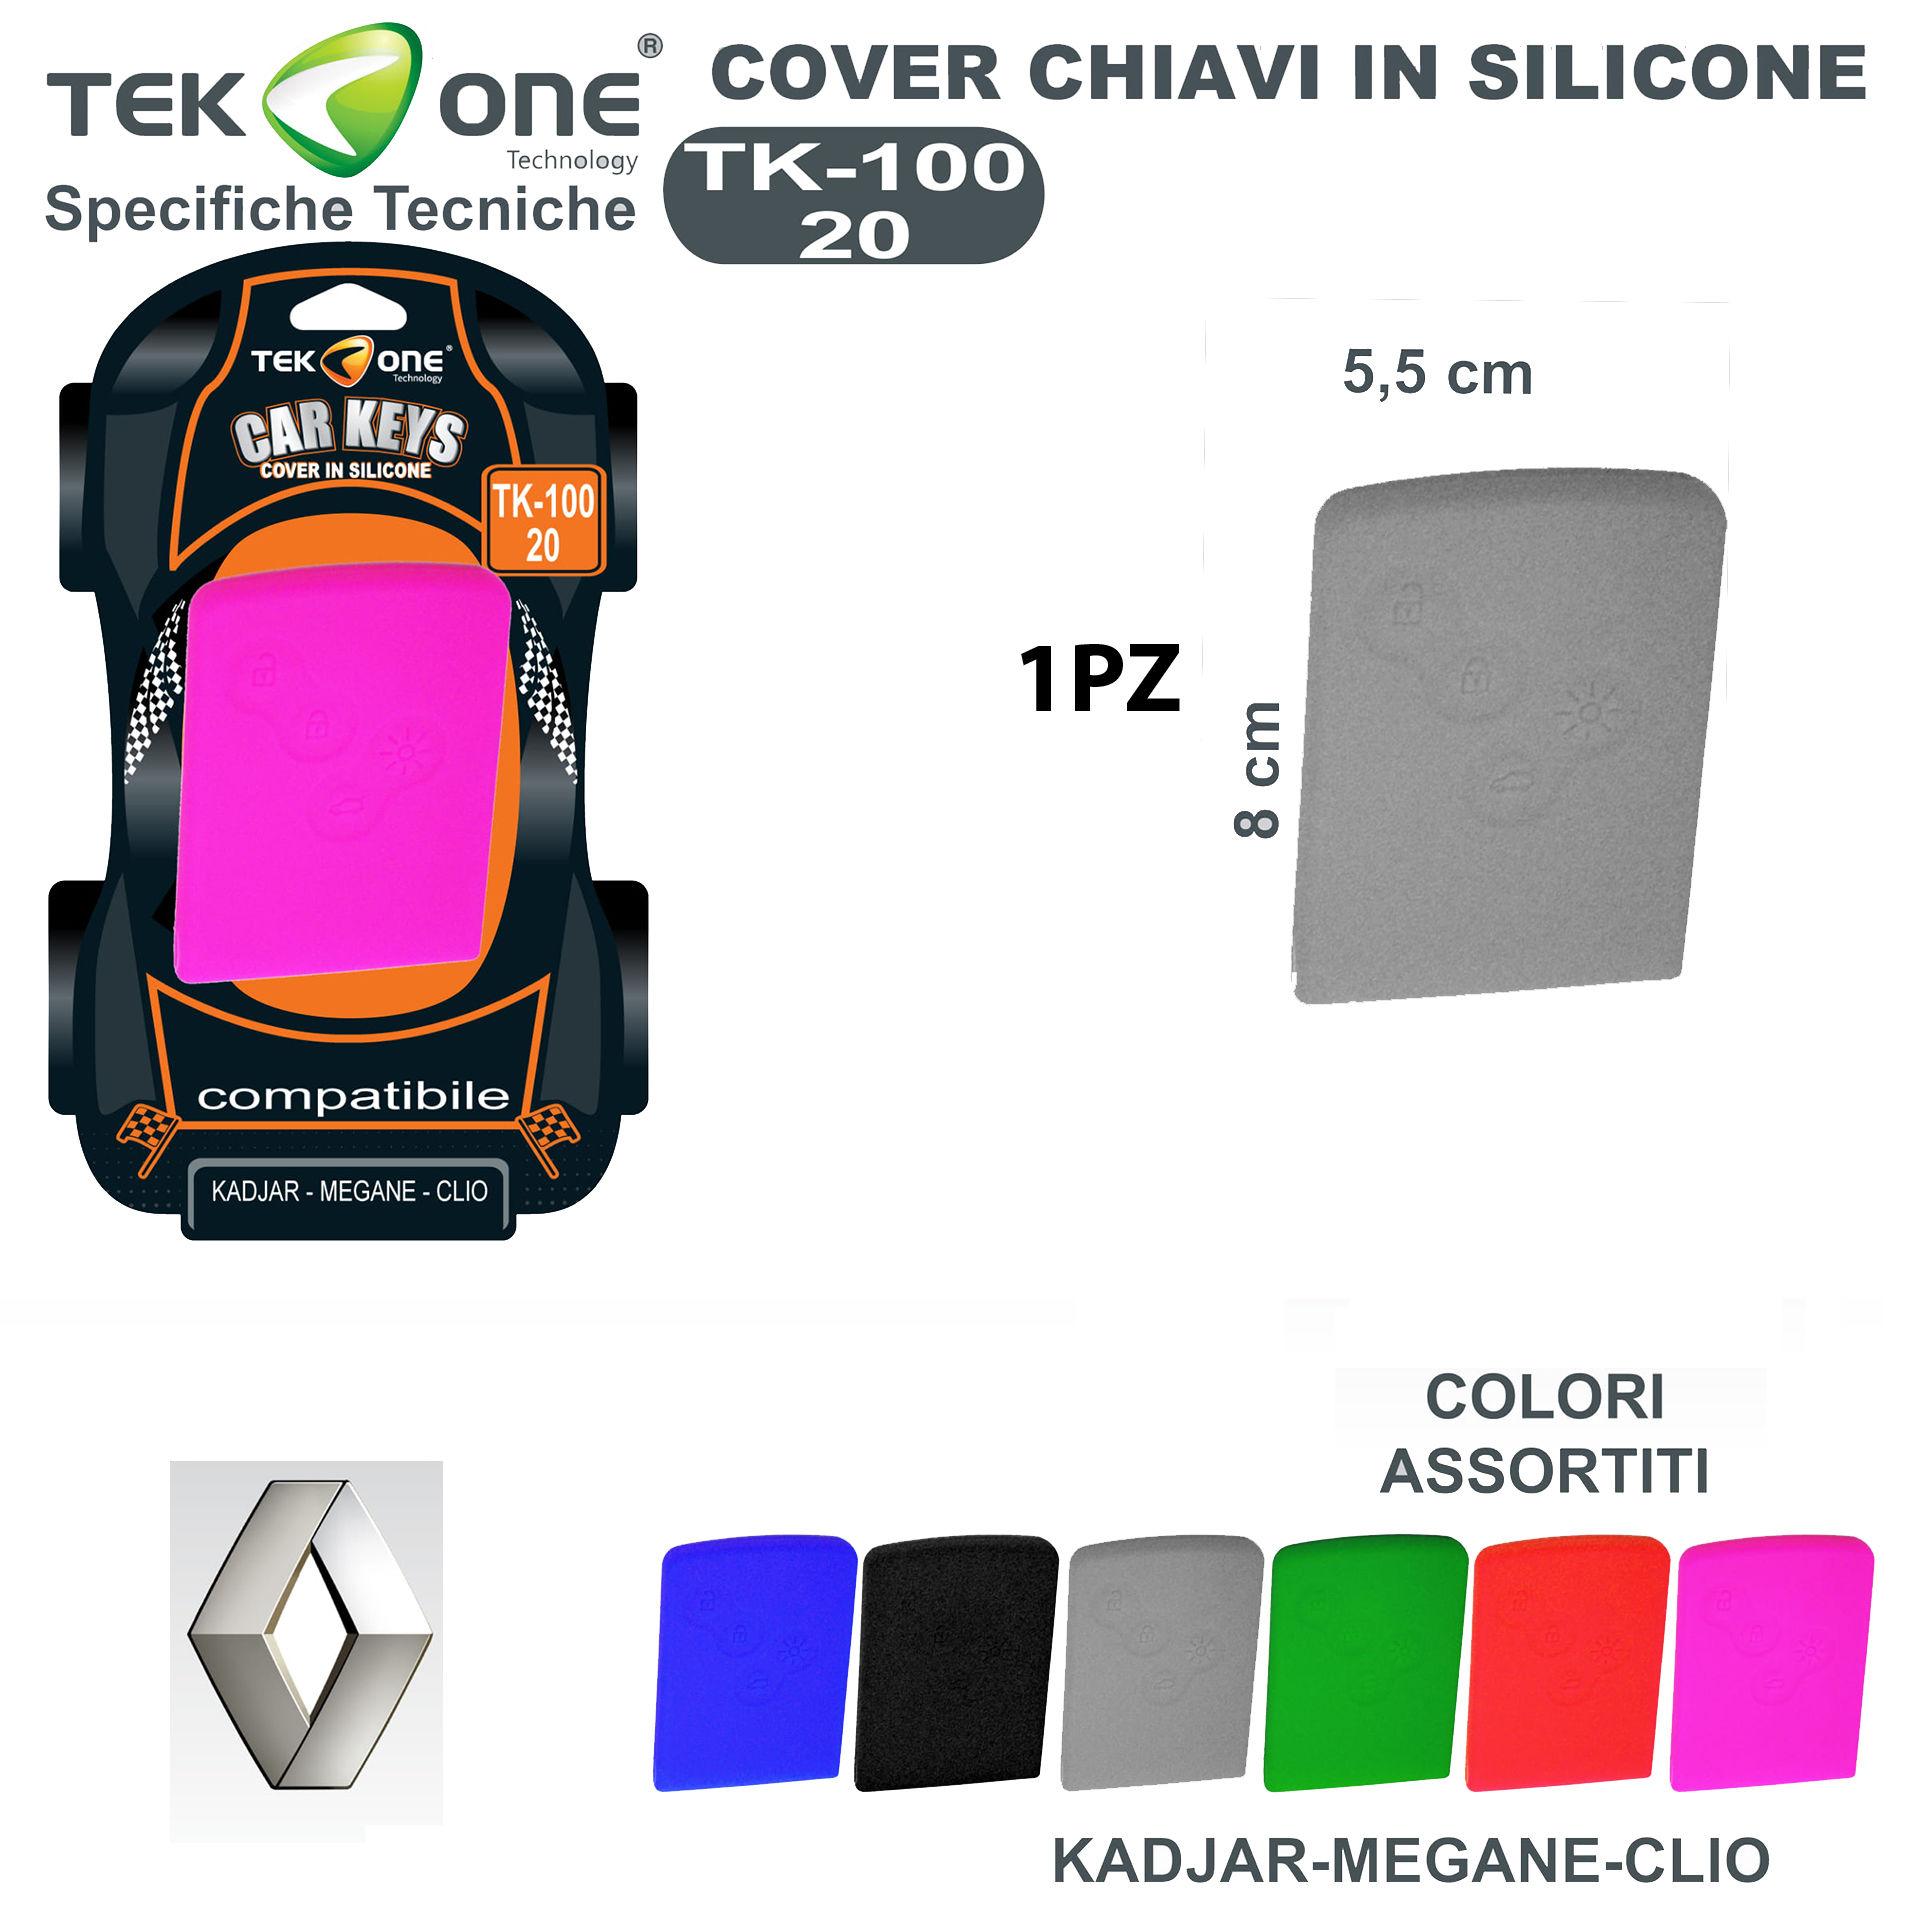 COVER CHIAVI IN SILICONE TK100-20Tekone